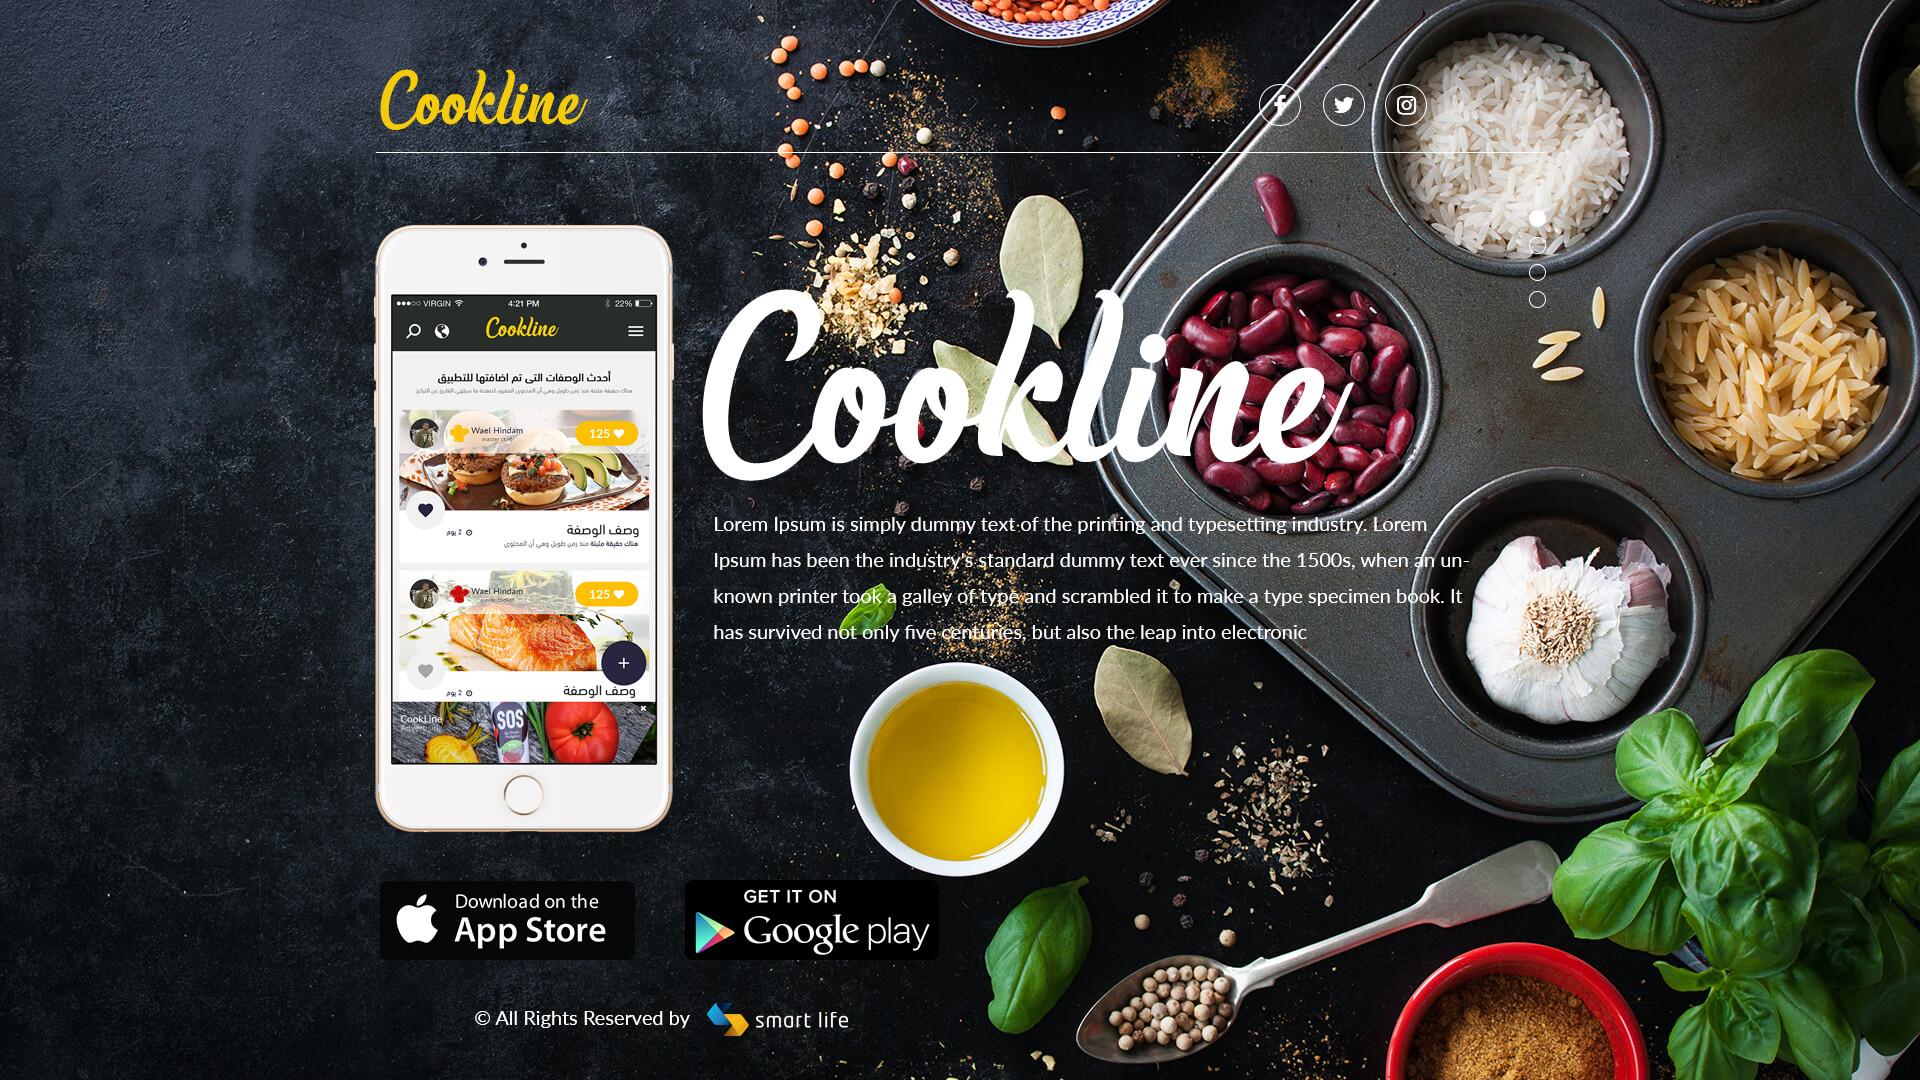 Cook Line app